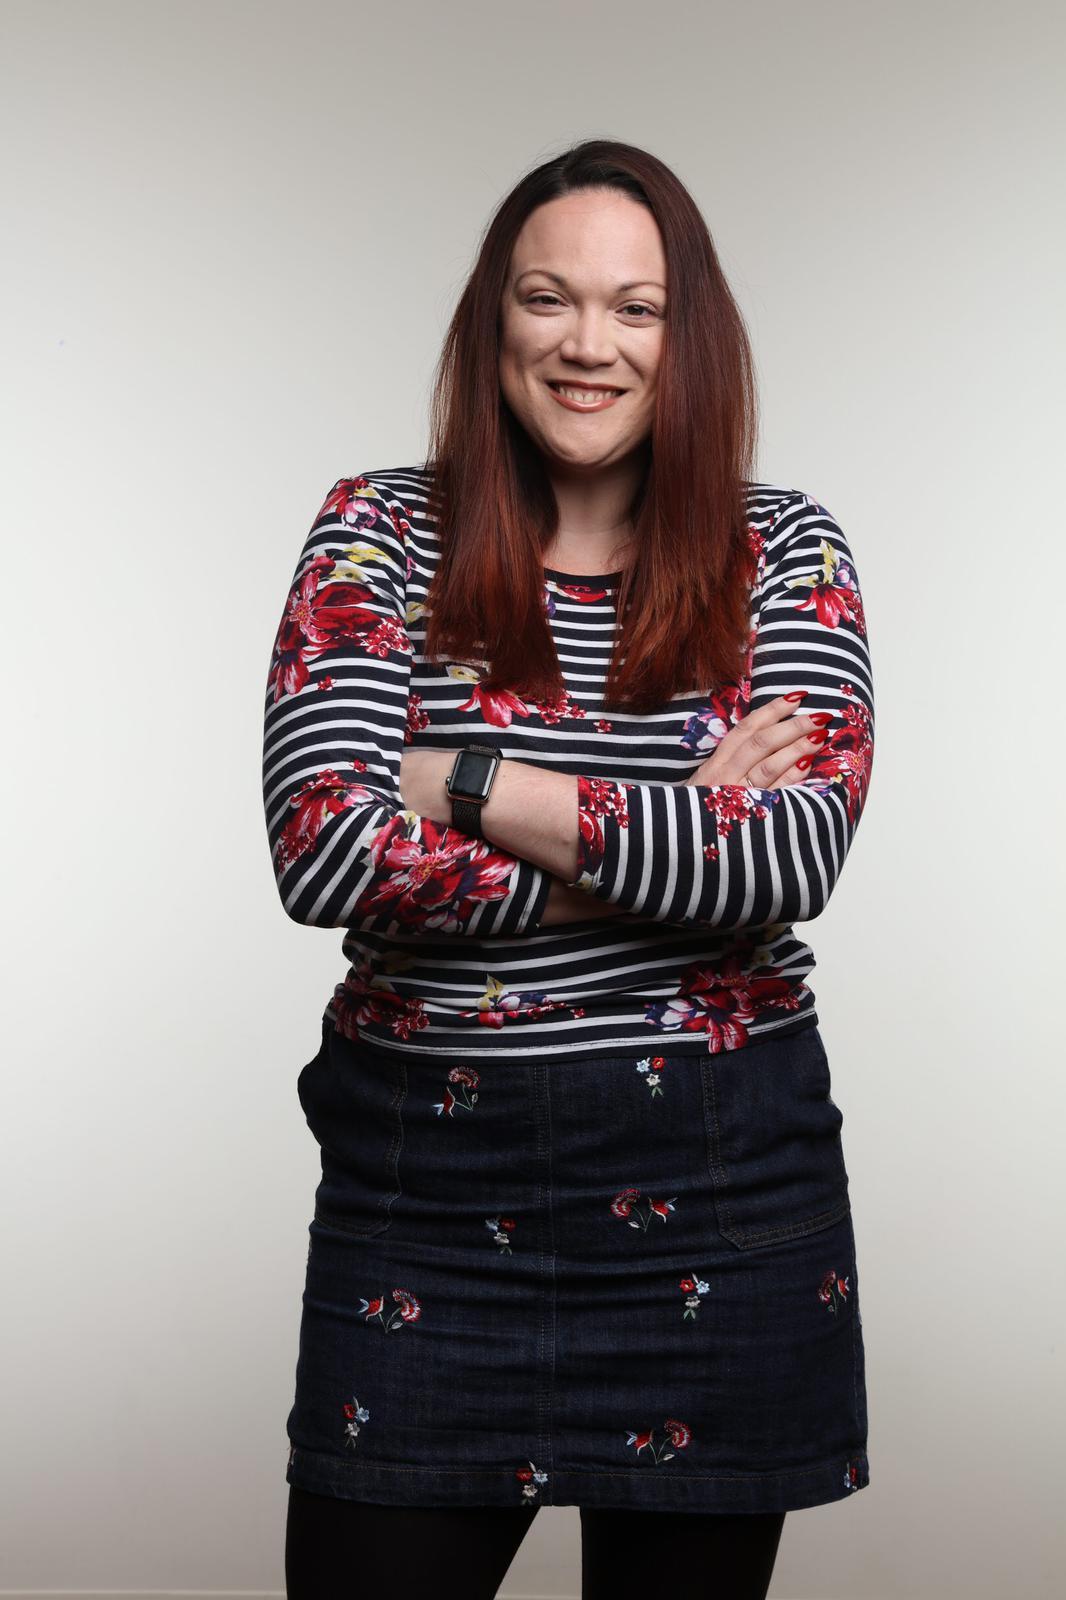 Gemma Blezard